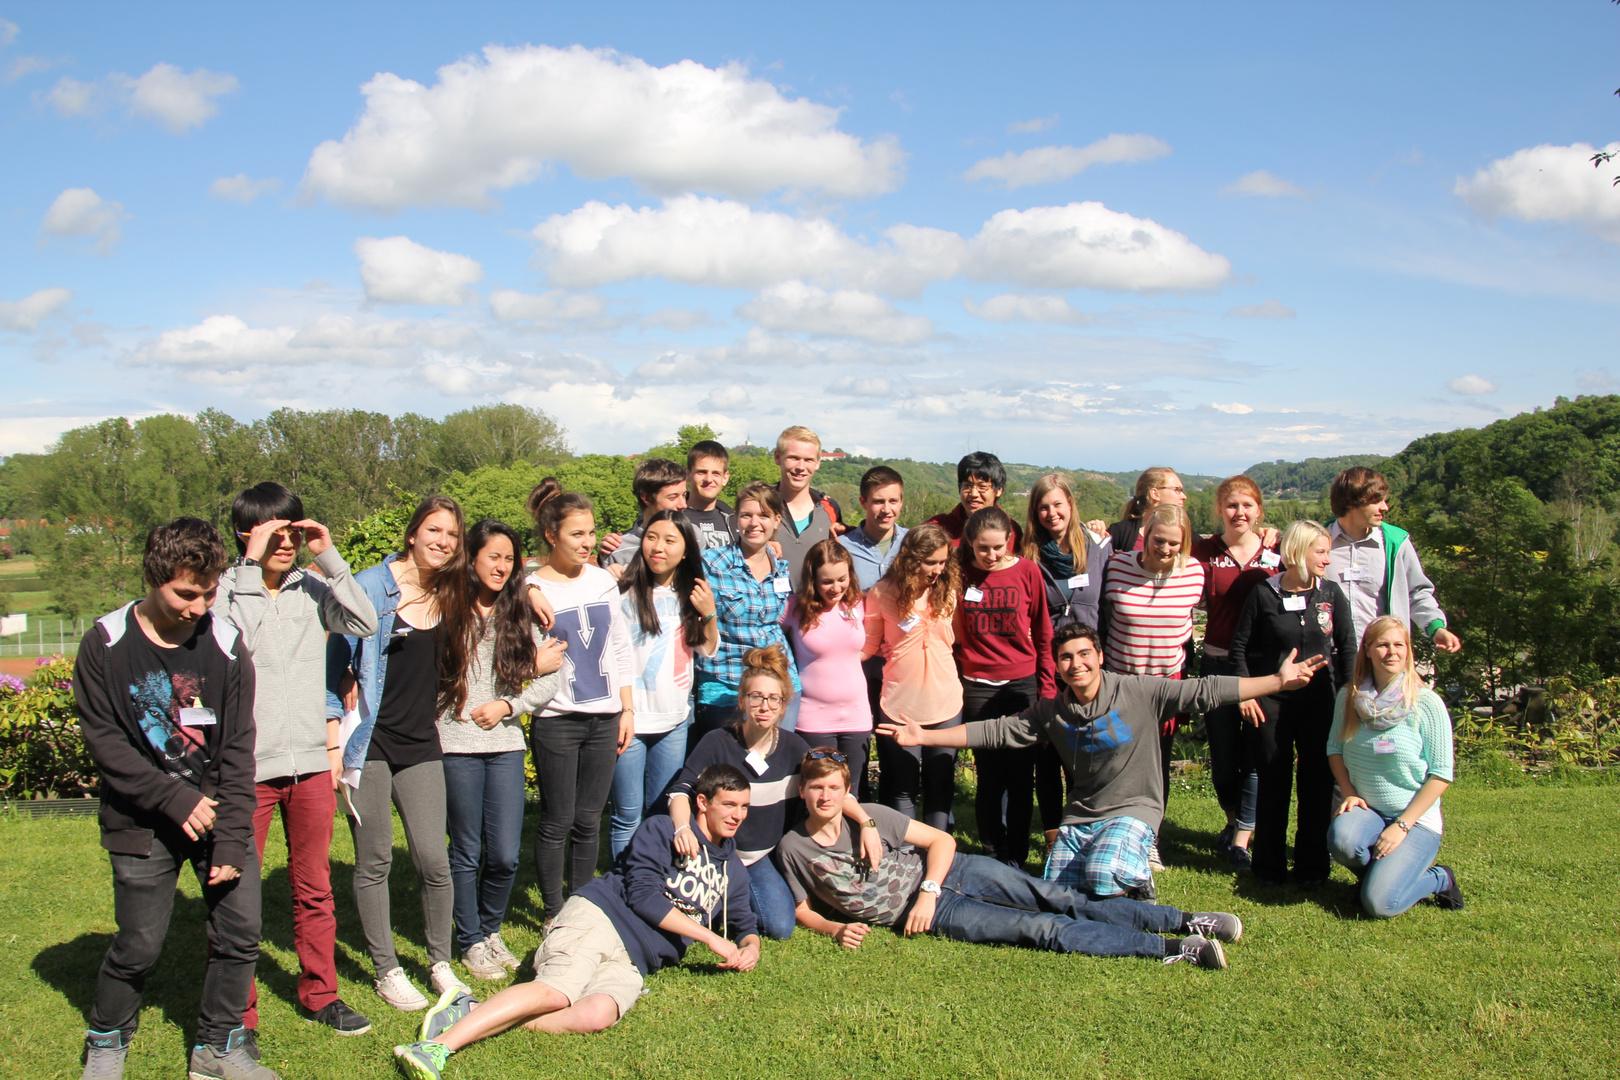 YFU Jugendliche nach einem Jahr Aufenthalt in Deutschland - es war schön